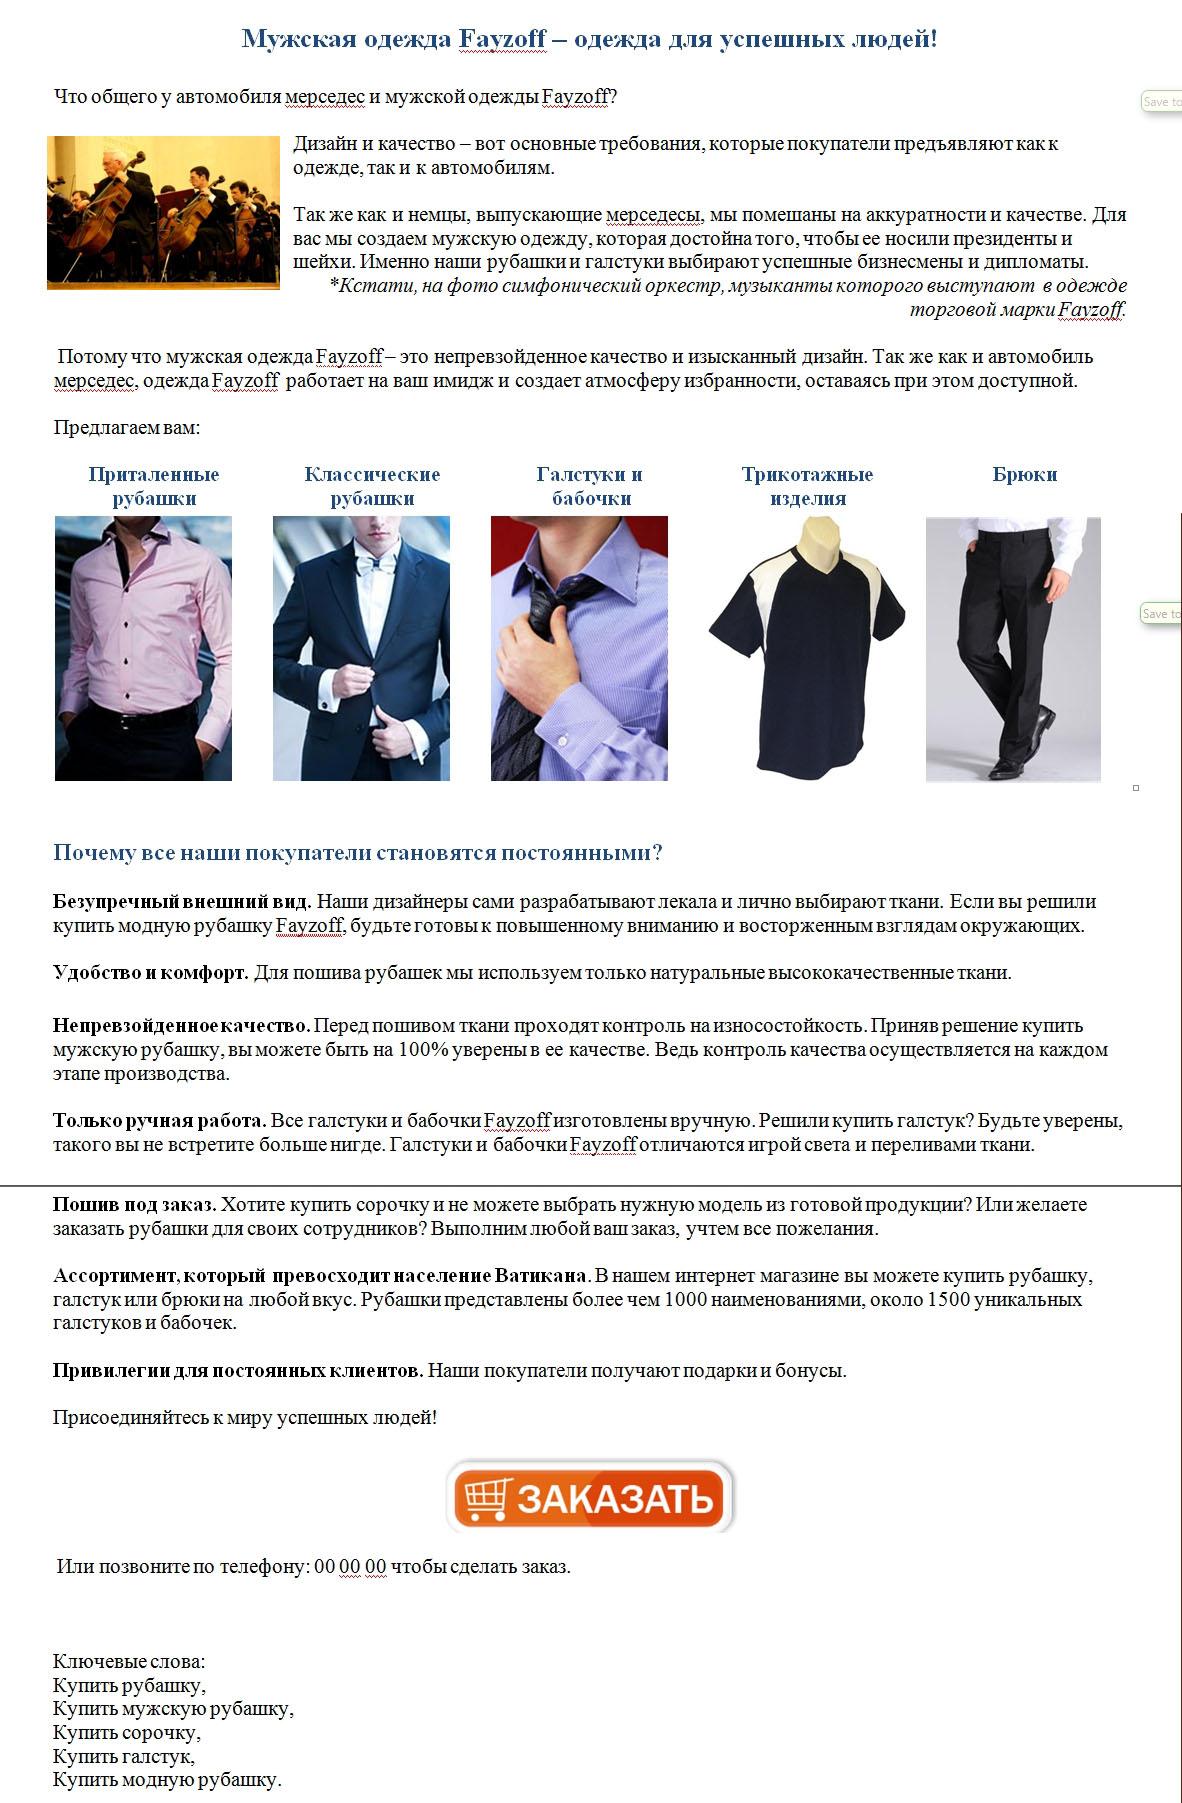 Как прорекламировать одежду текст реклама продвижение товаров на рынок